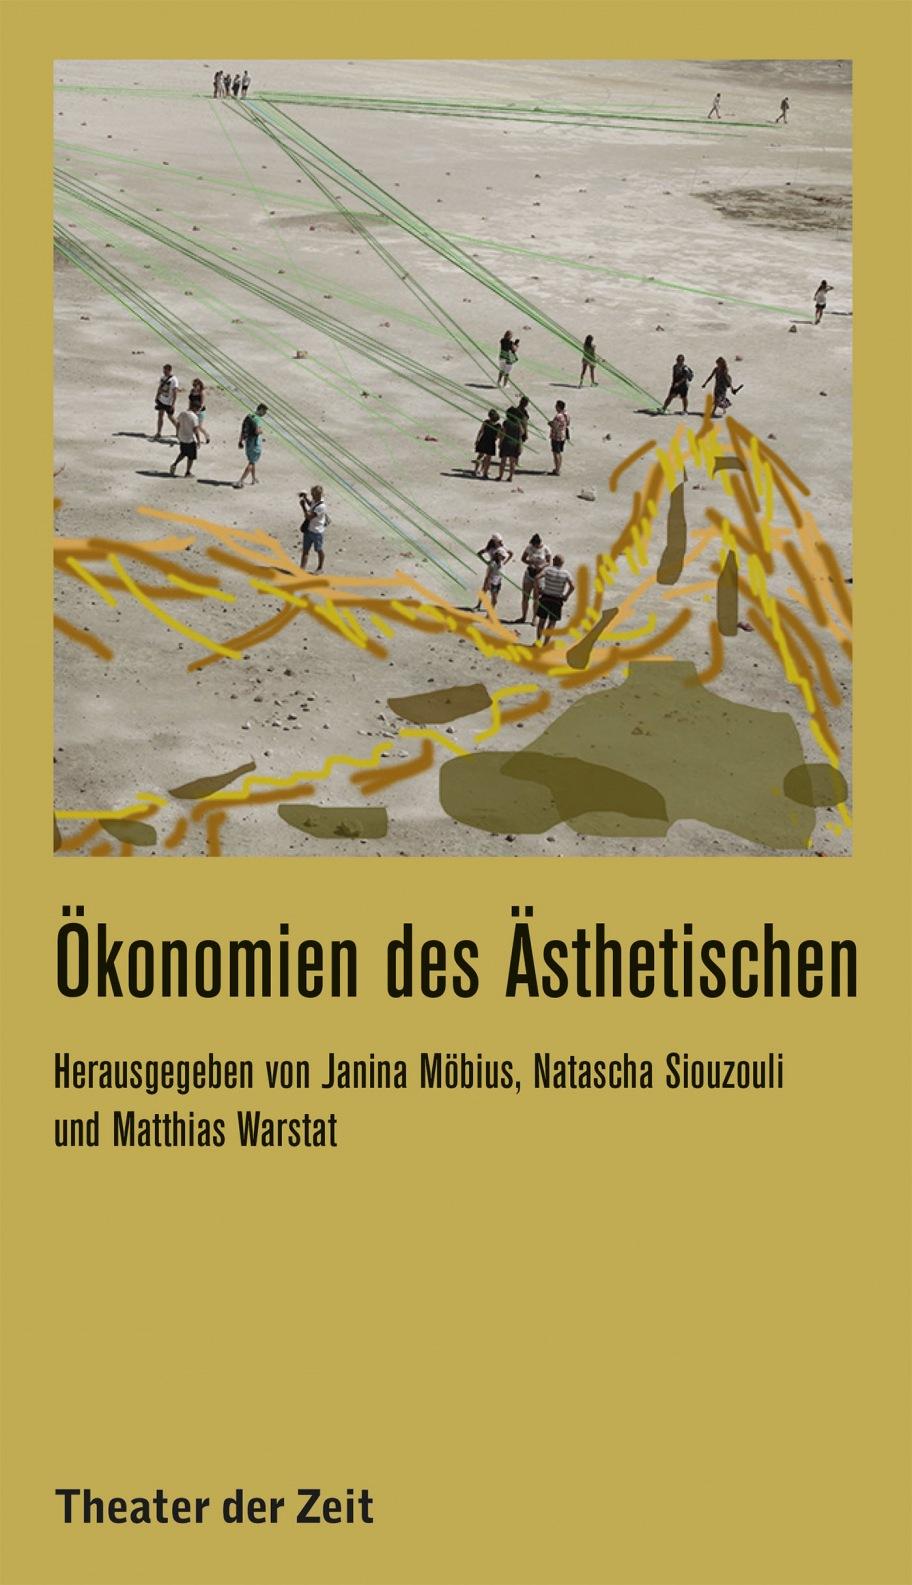 Ökonomien des Ästhetischen